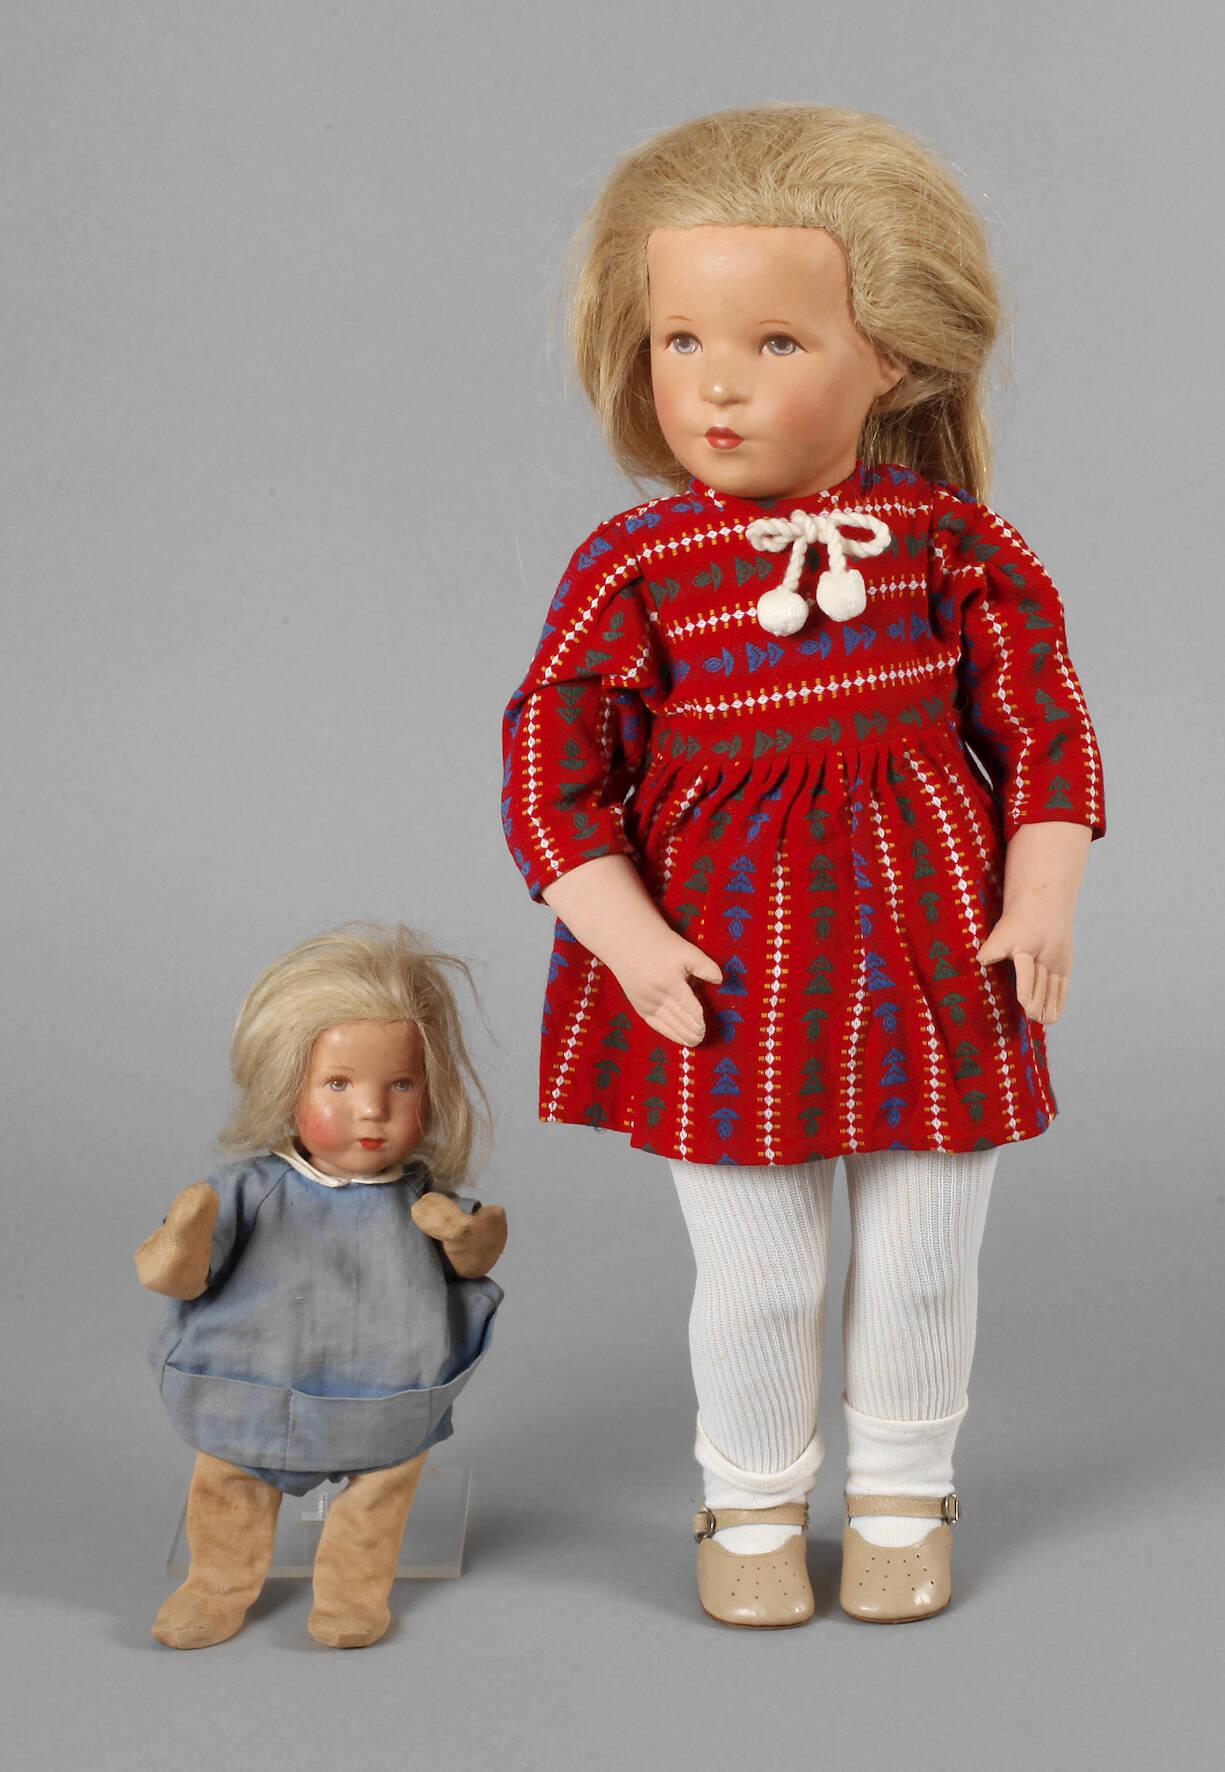 Zwei Käthe Kruse Puppen